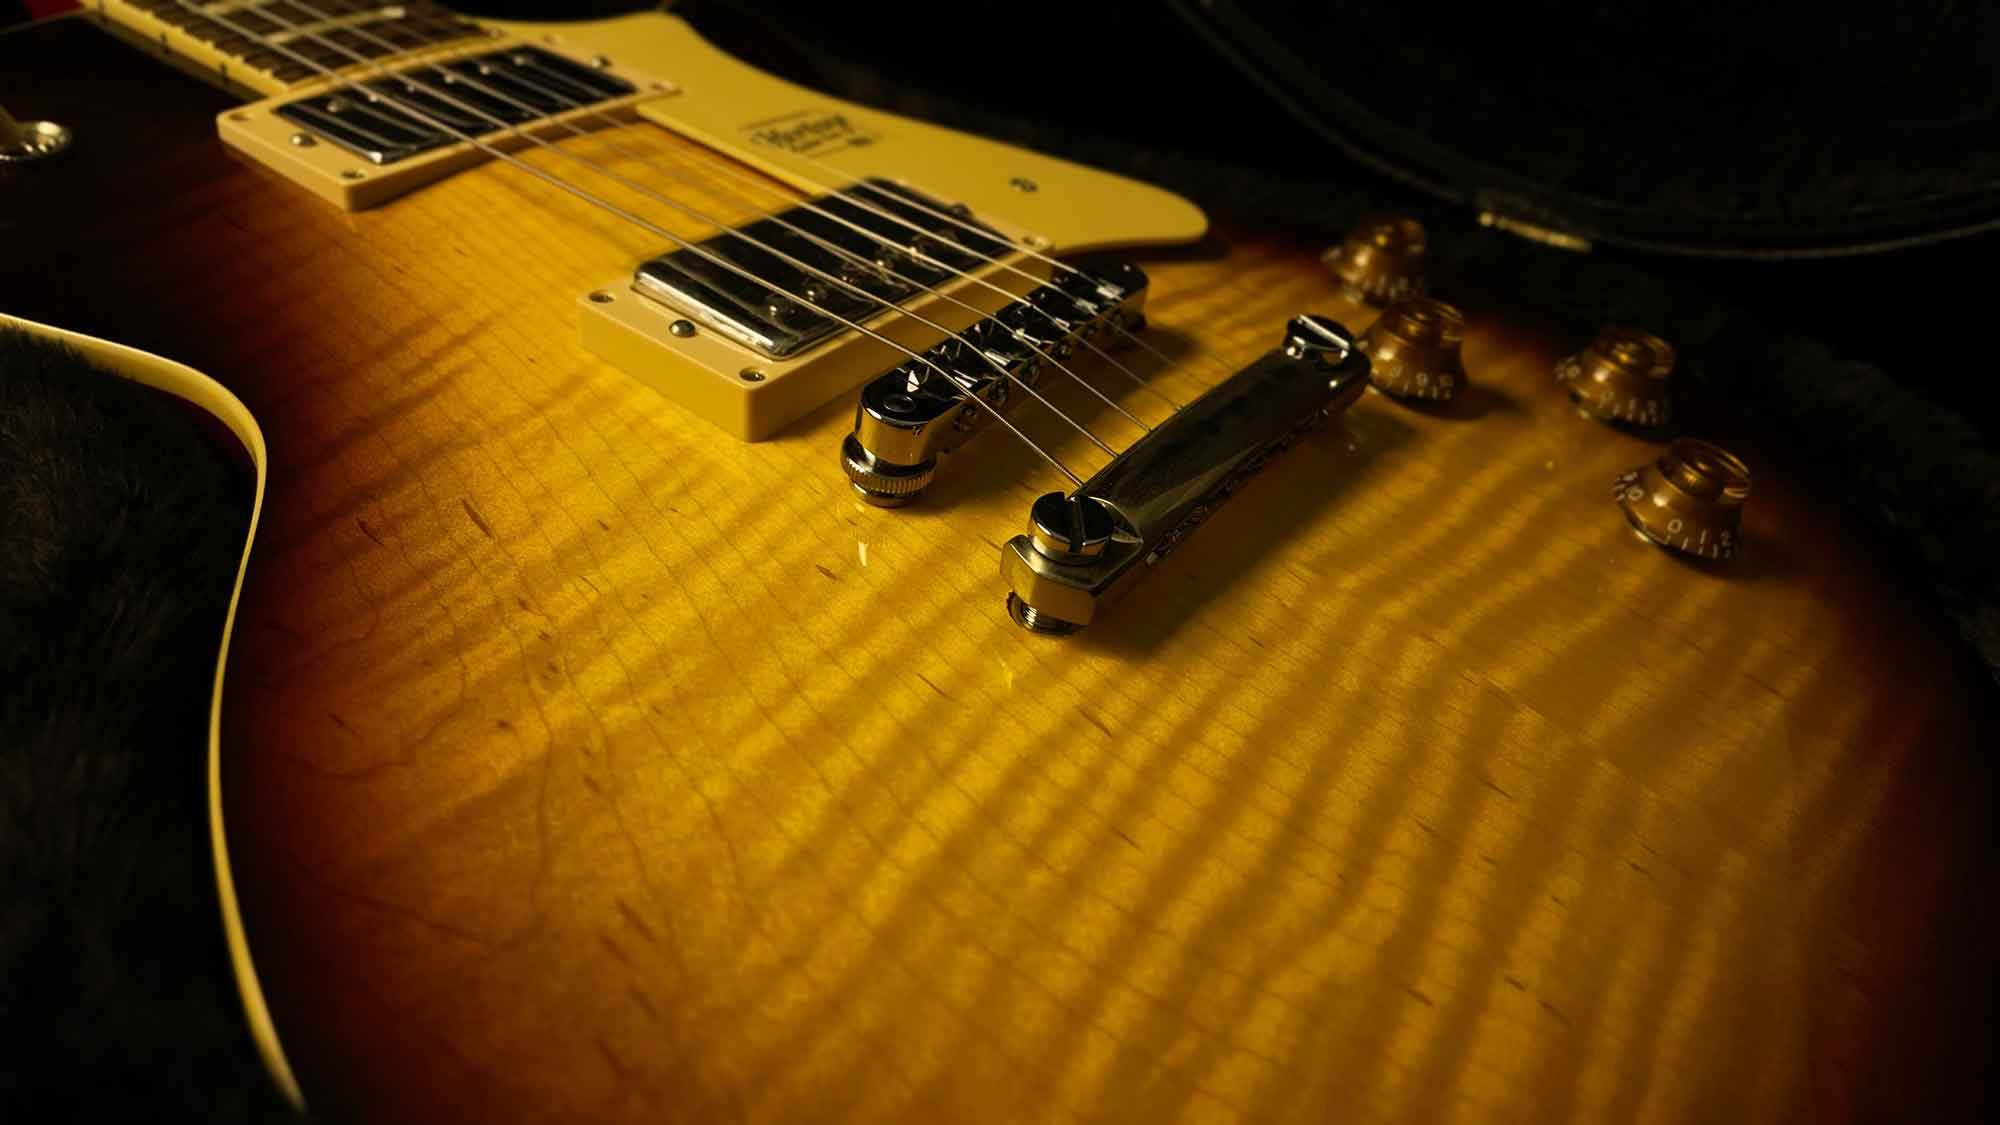 גיטרה חשמלית Heritage Standard Collection H-150, Original Sunburst